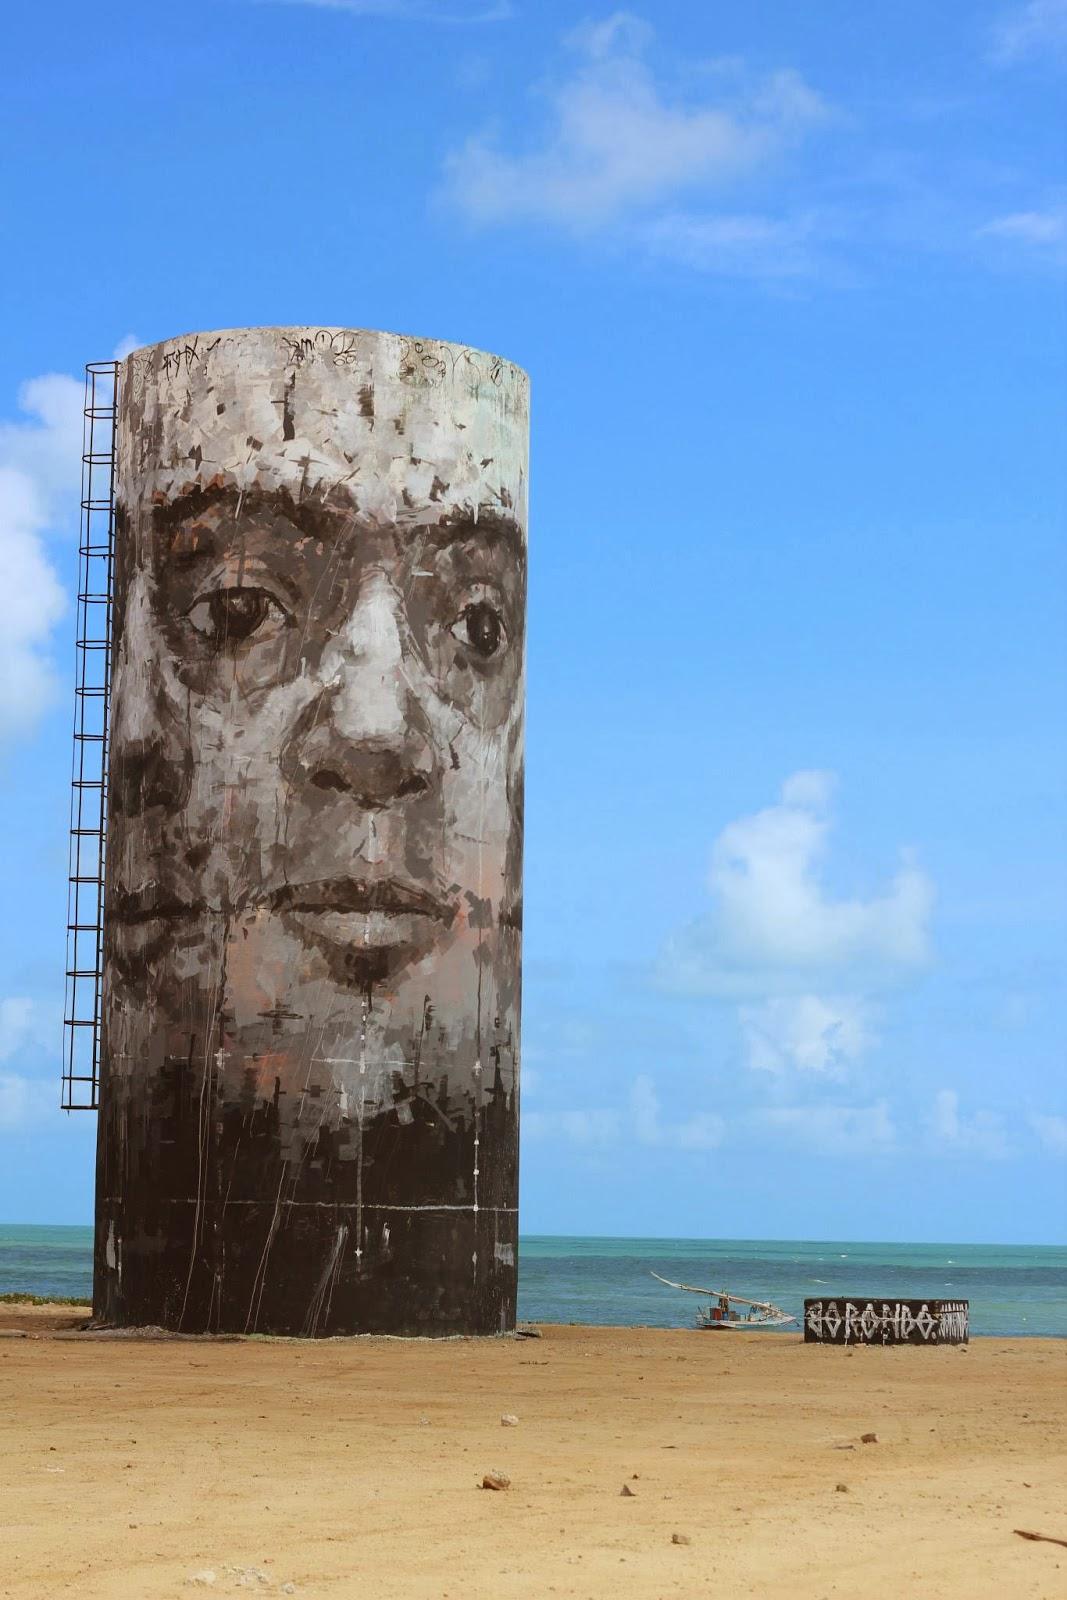 borondo-new-mural-at-festival-concreto-in-fortaleza-05